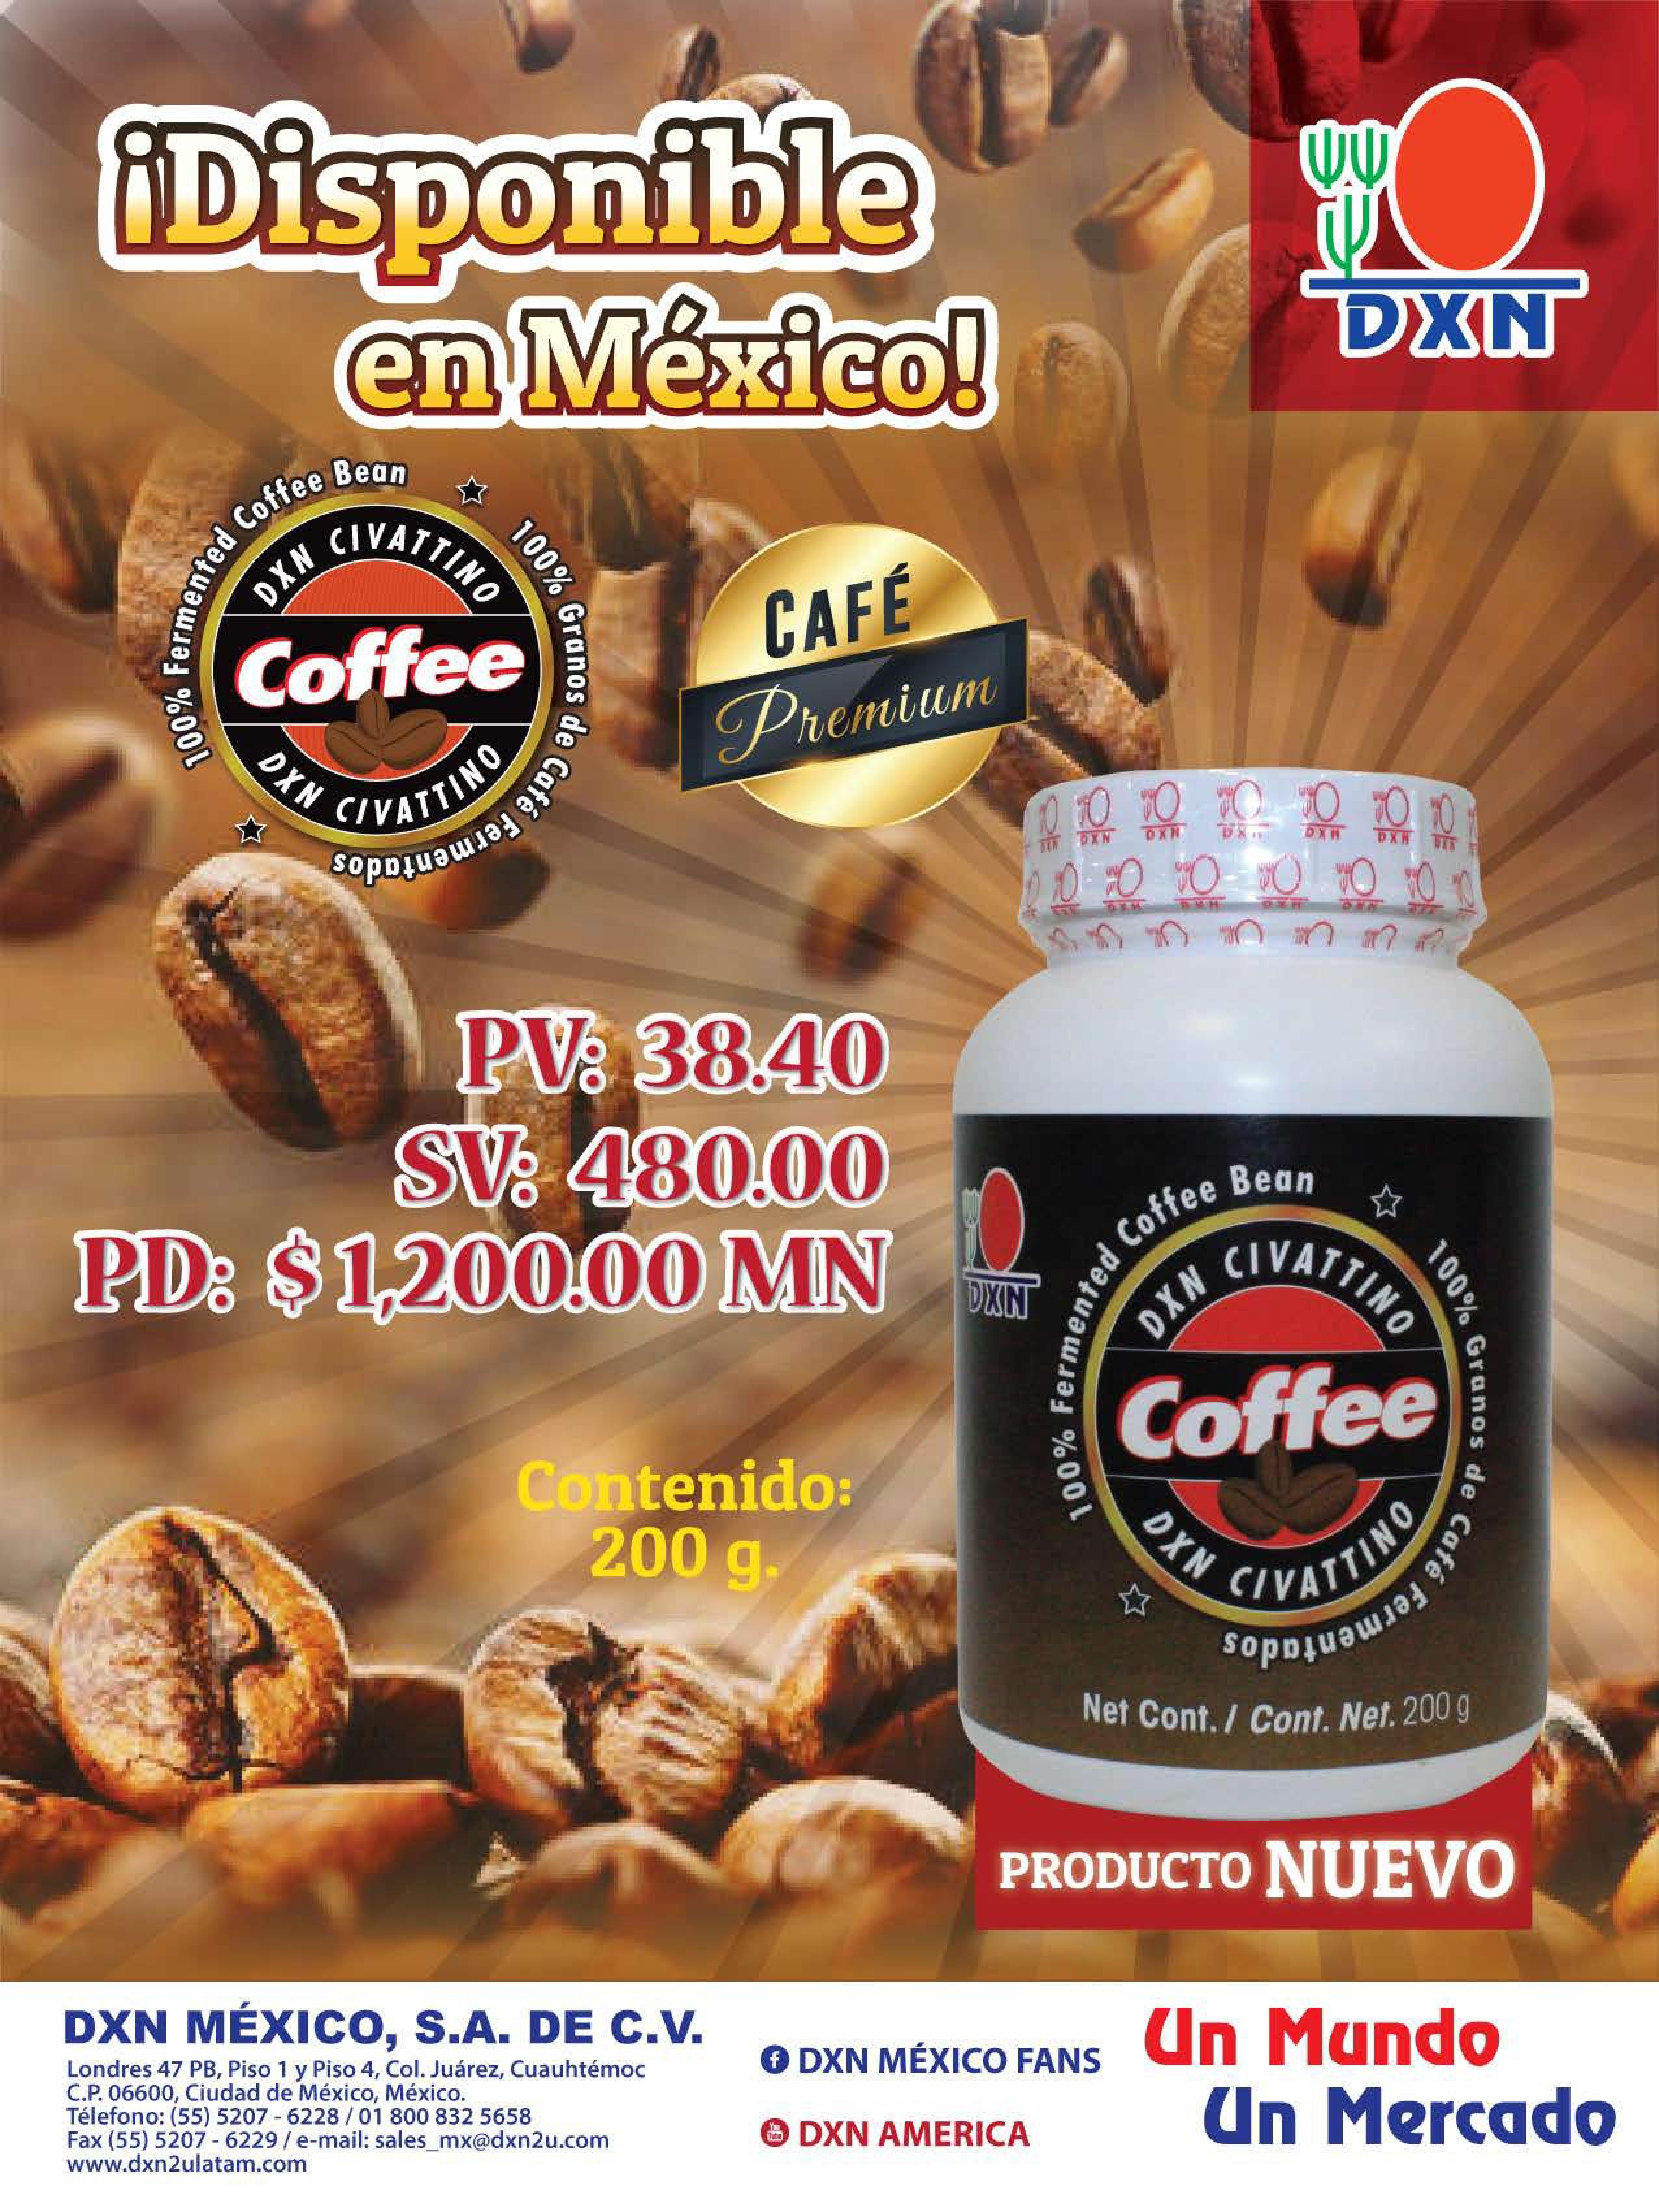 dxn mexico Civattino Coffee